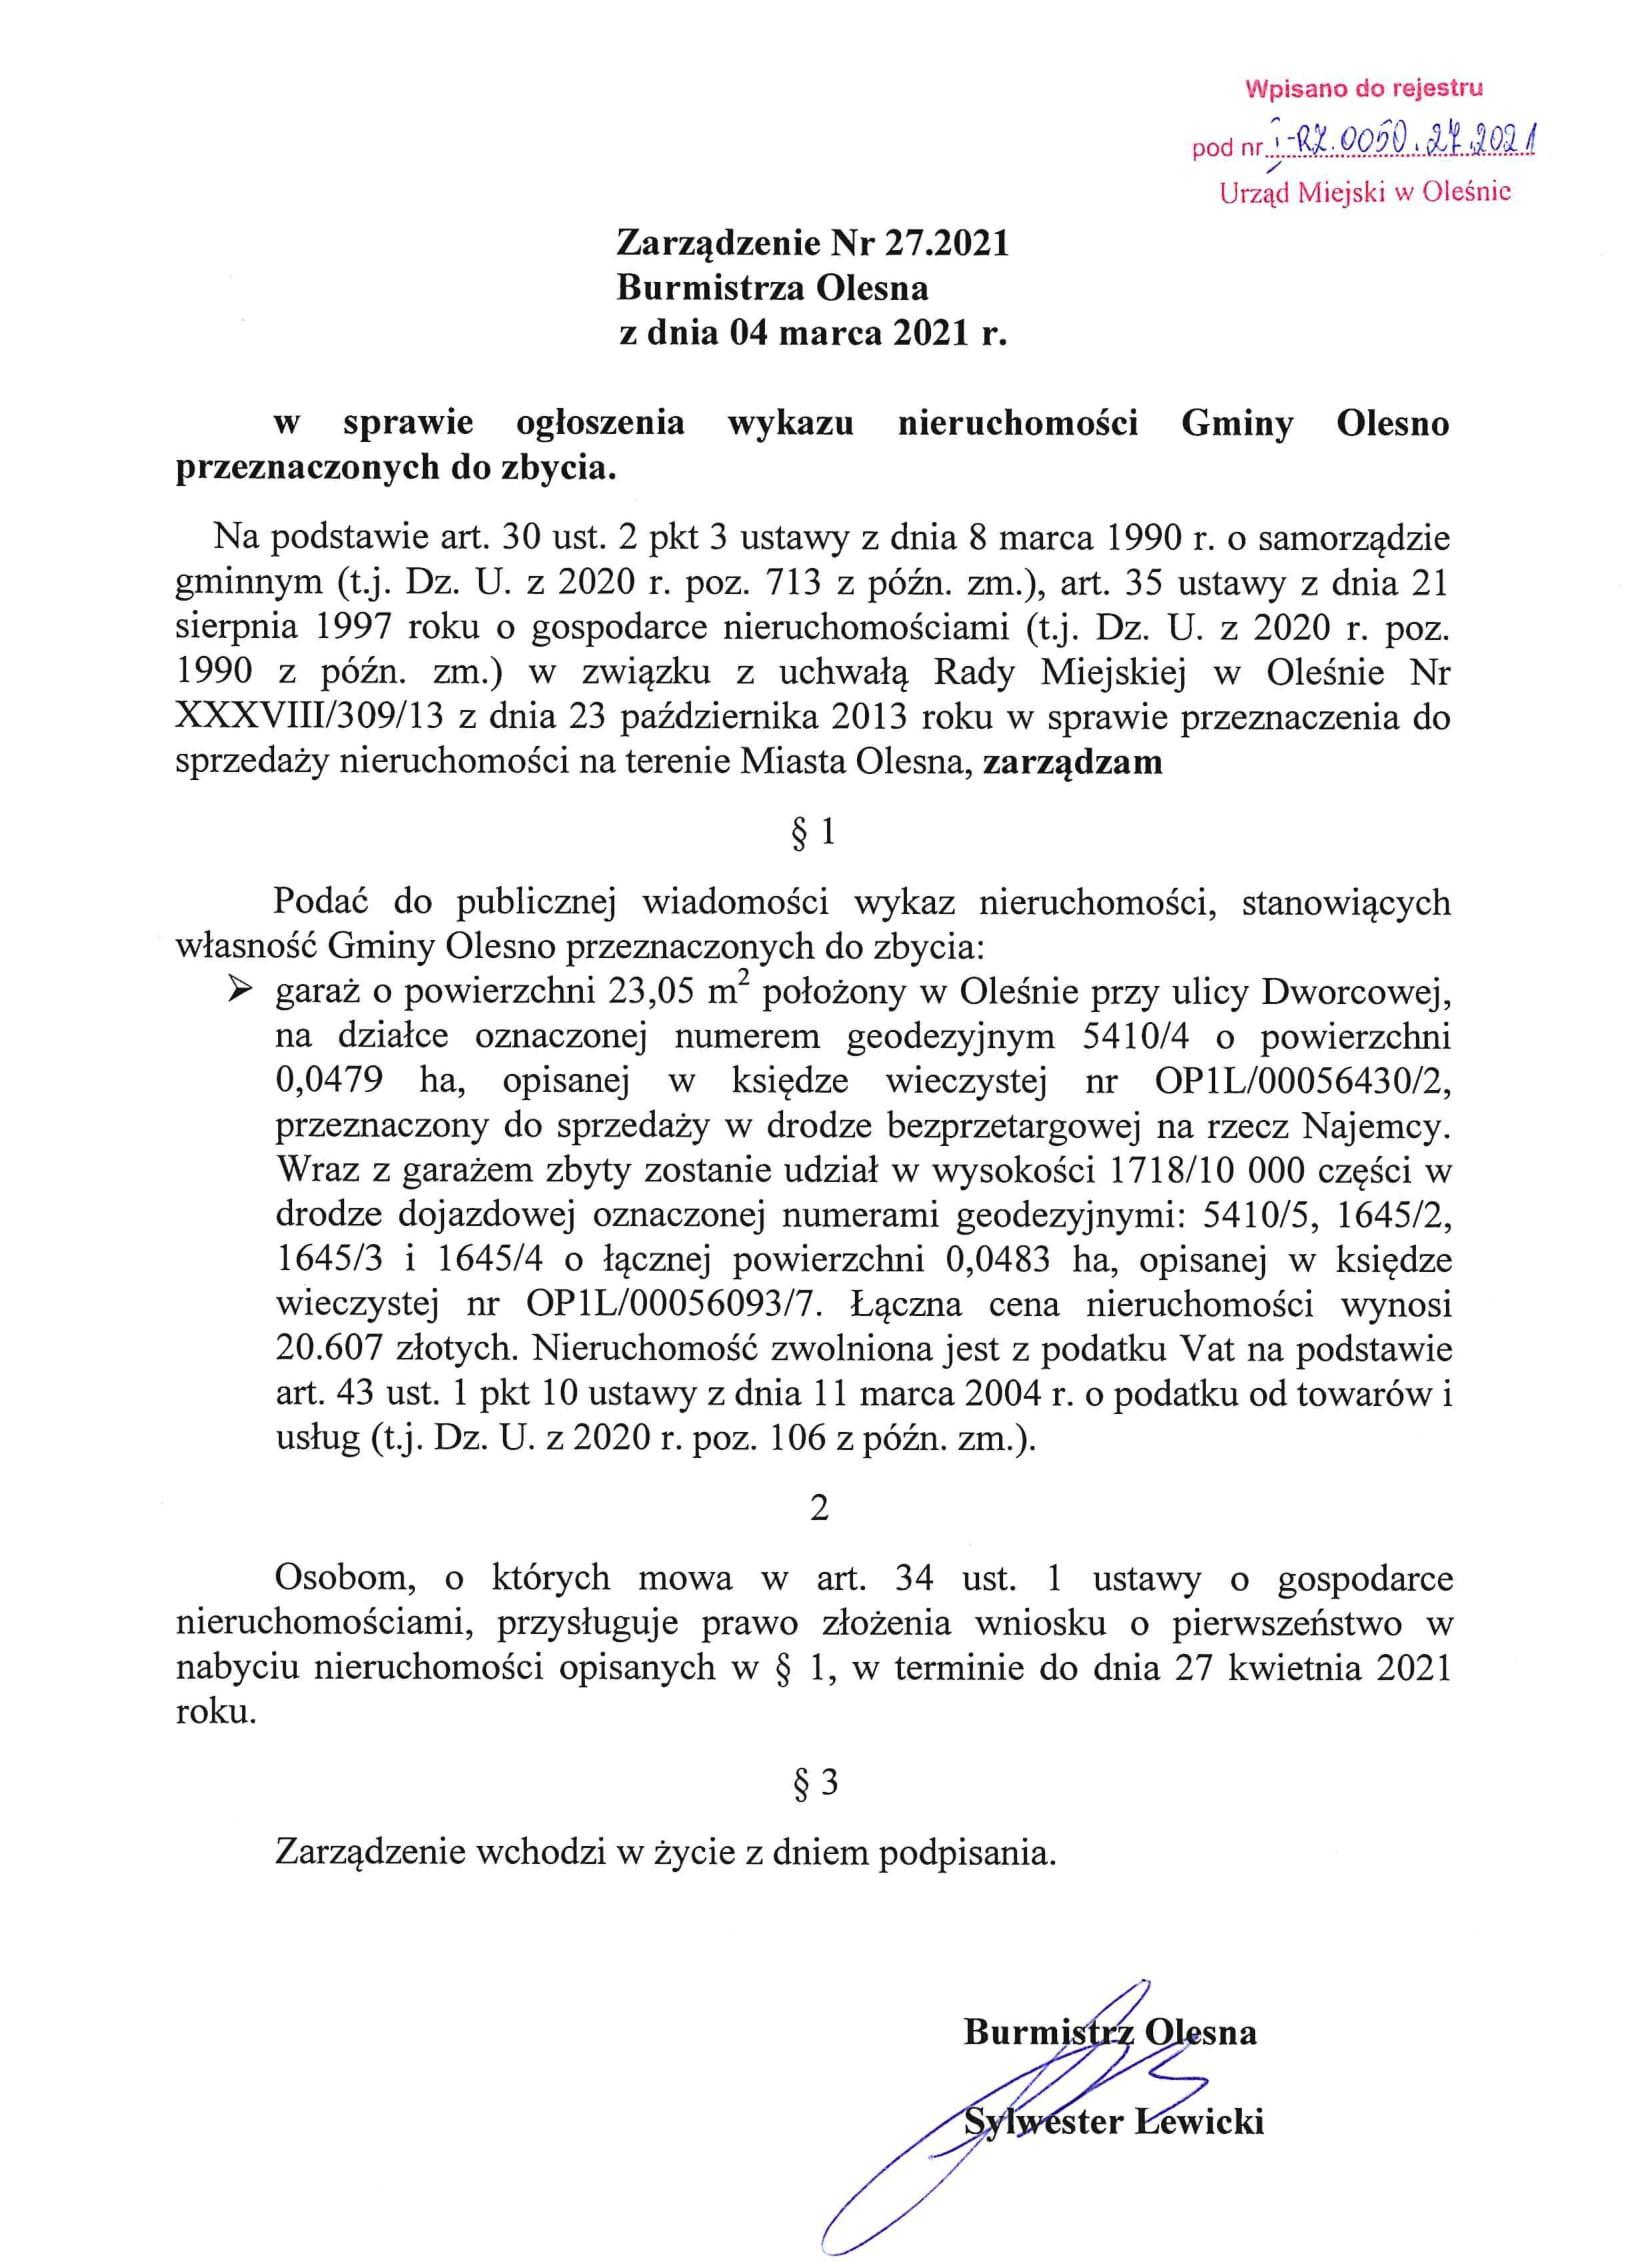 zarzadzenie-nr-27-2021-z-04-03-2021-wykaz-dworcowa-garaz-1